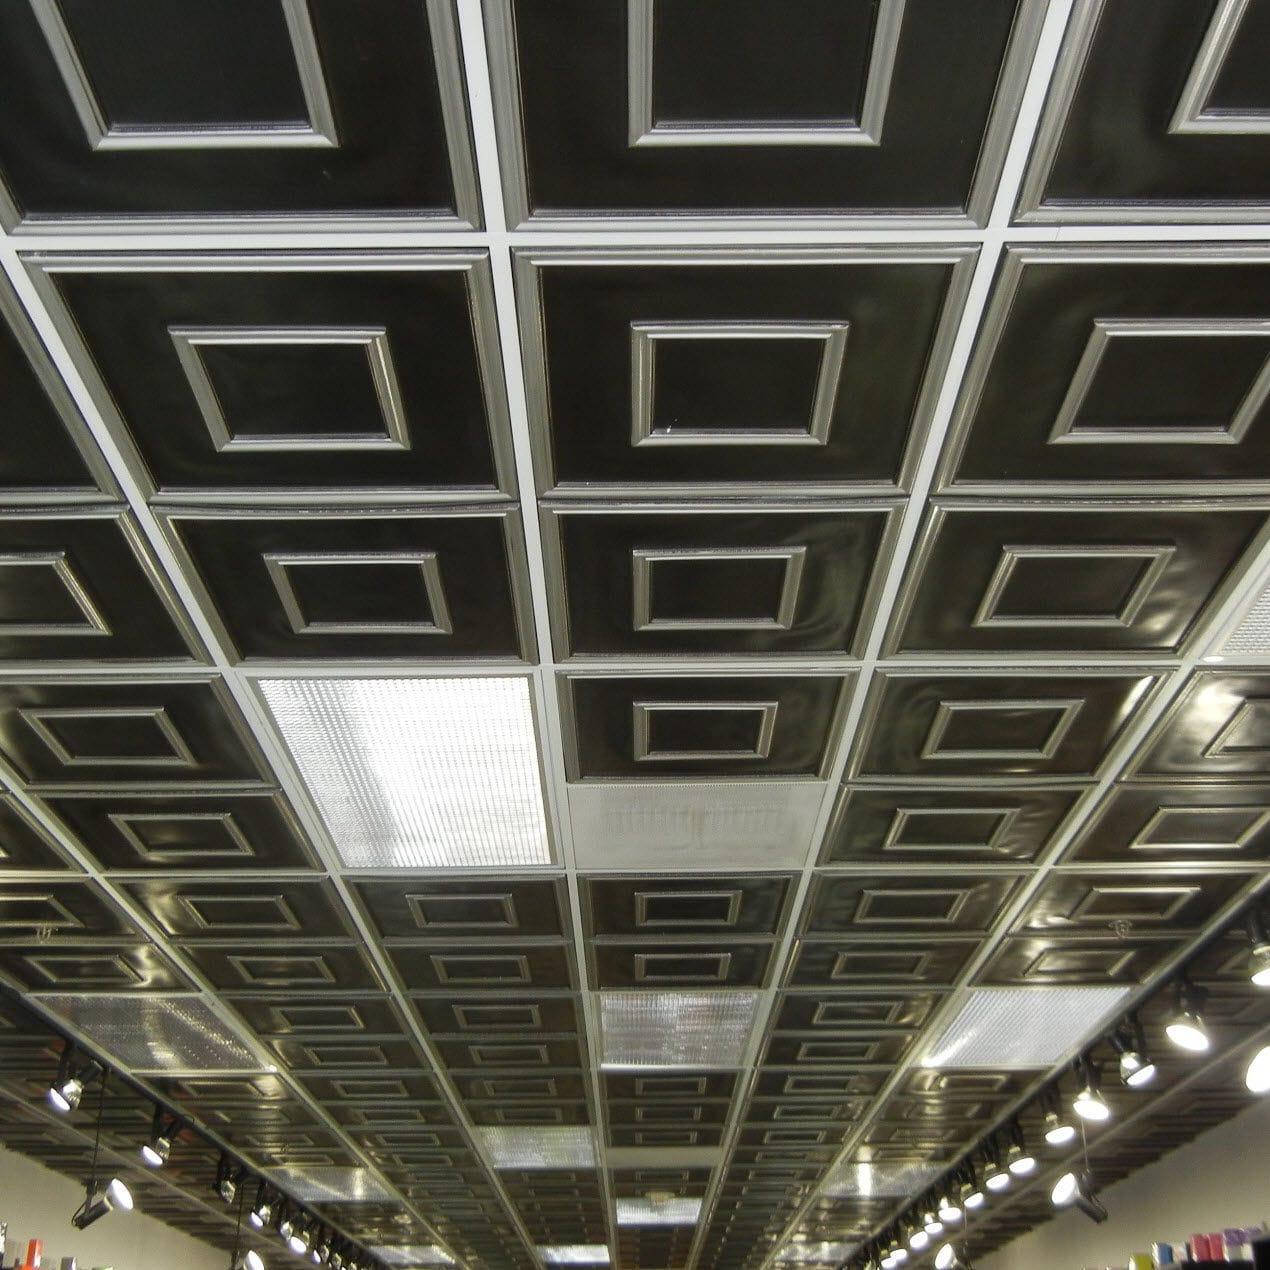 Pvc Suspended Ceiling 208 Decoraids Tile Decorative Flame Retardant